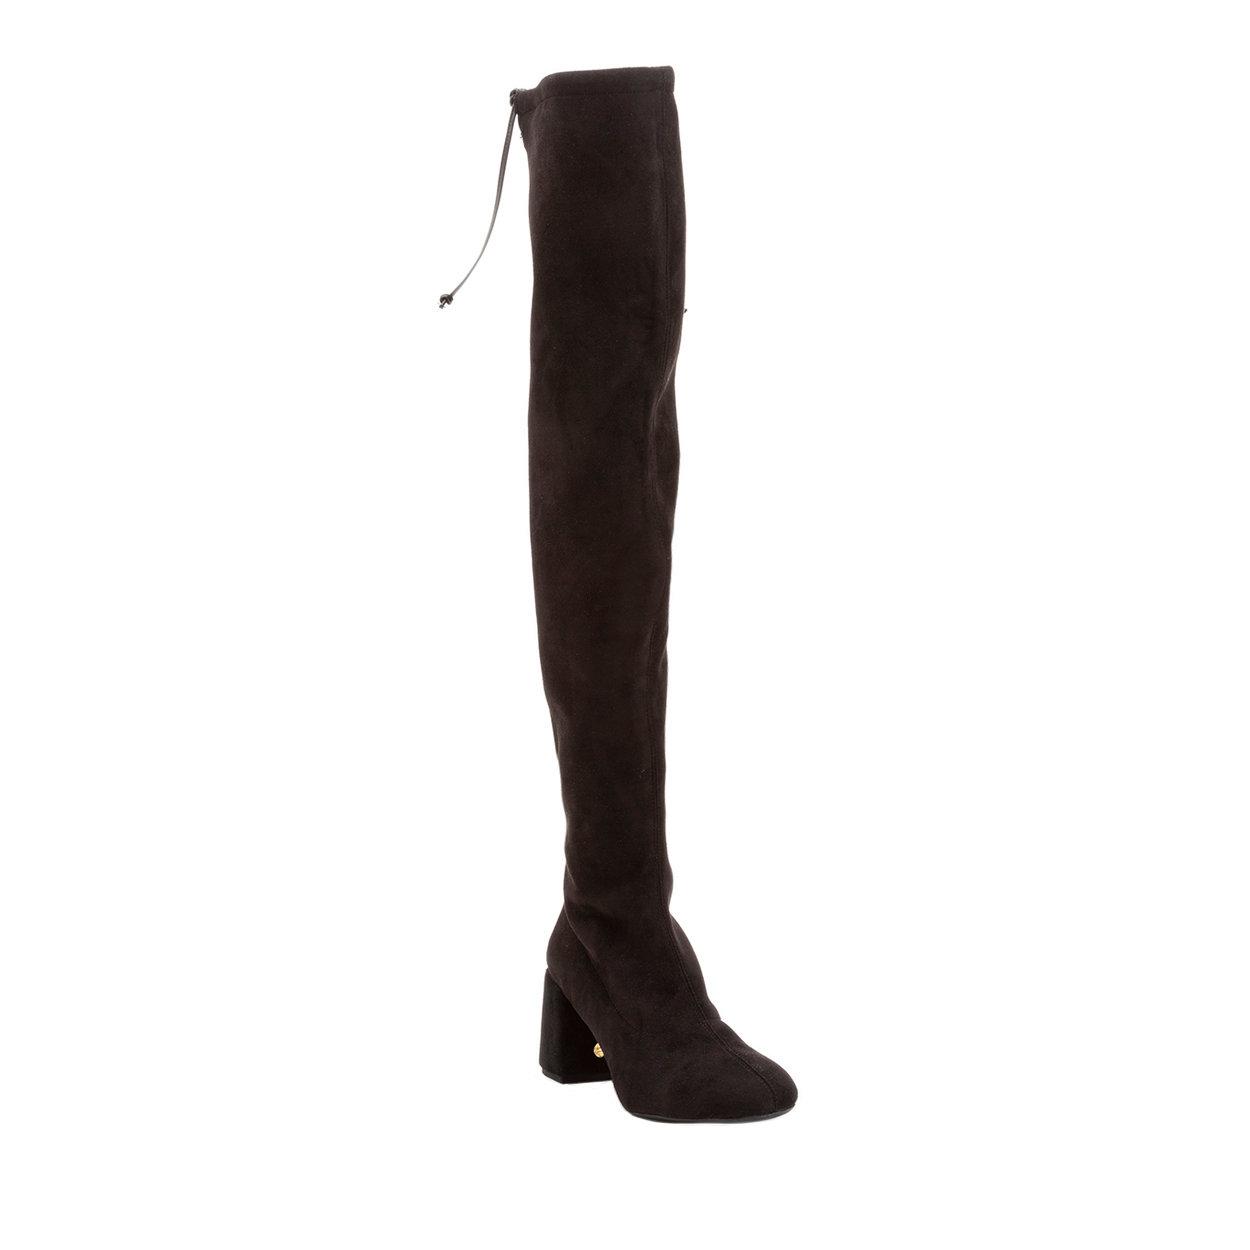 Stivali sopra al ginocchio con tacco neri FRAU Acquista su Ventis.